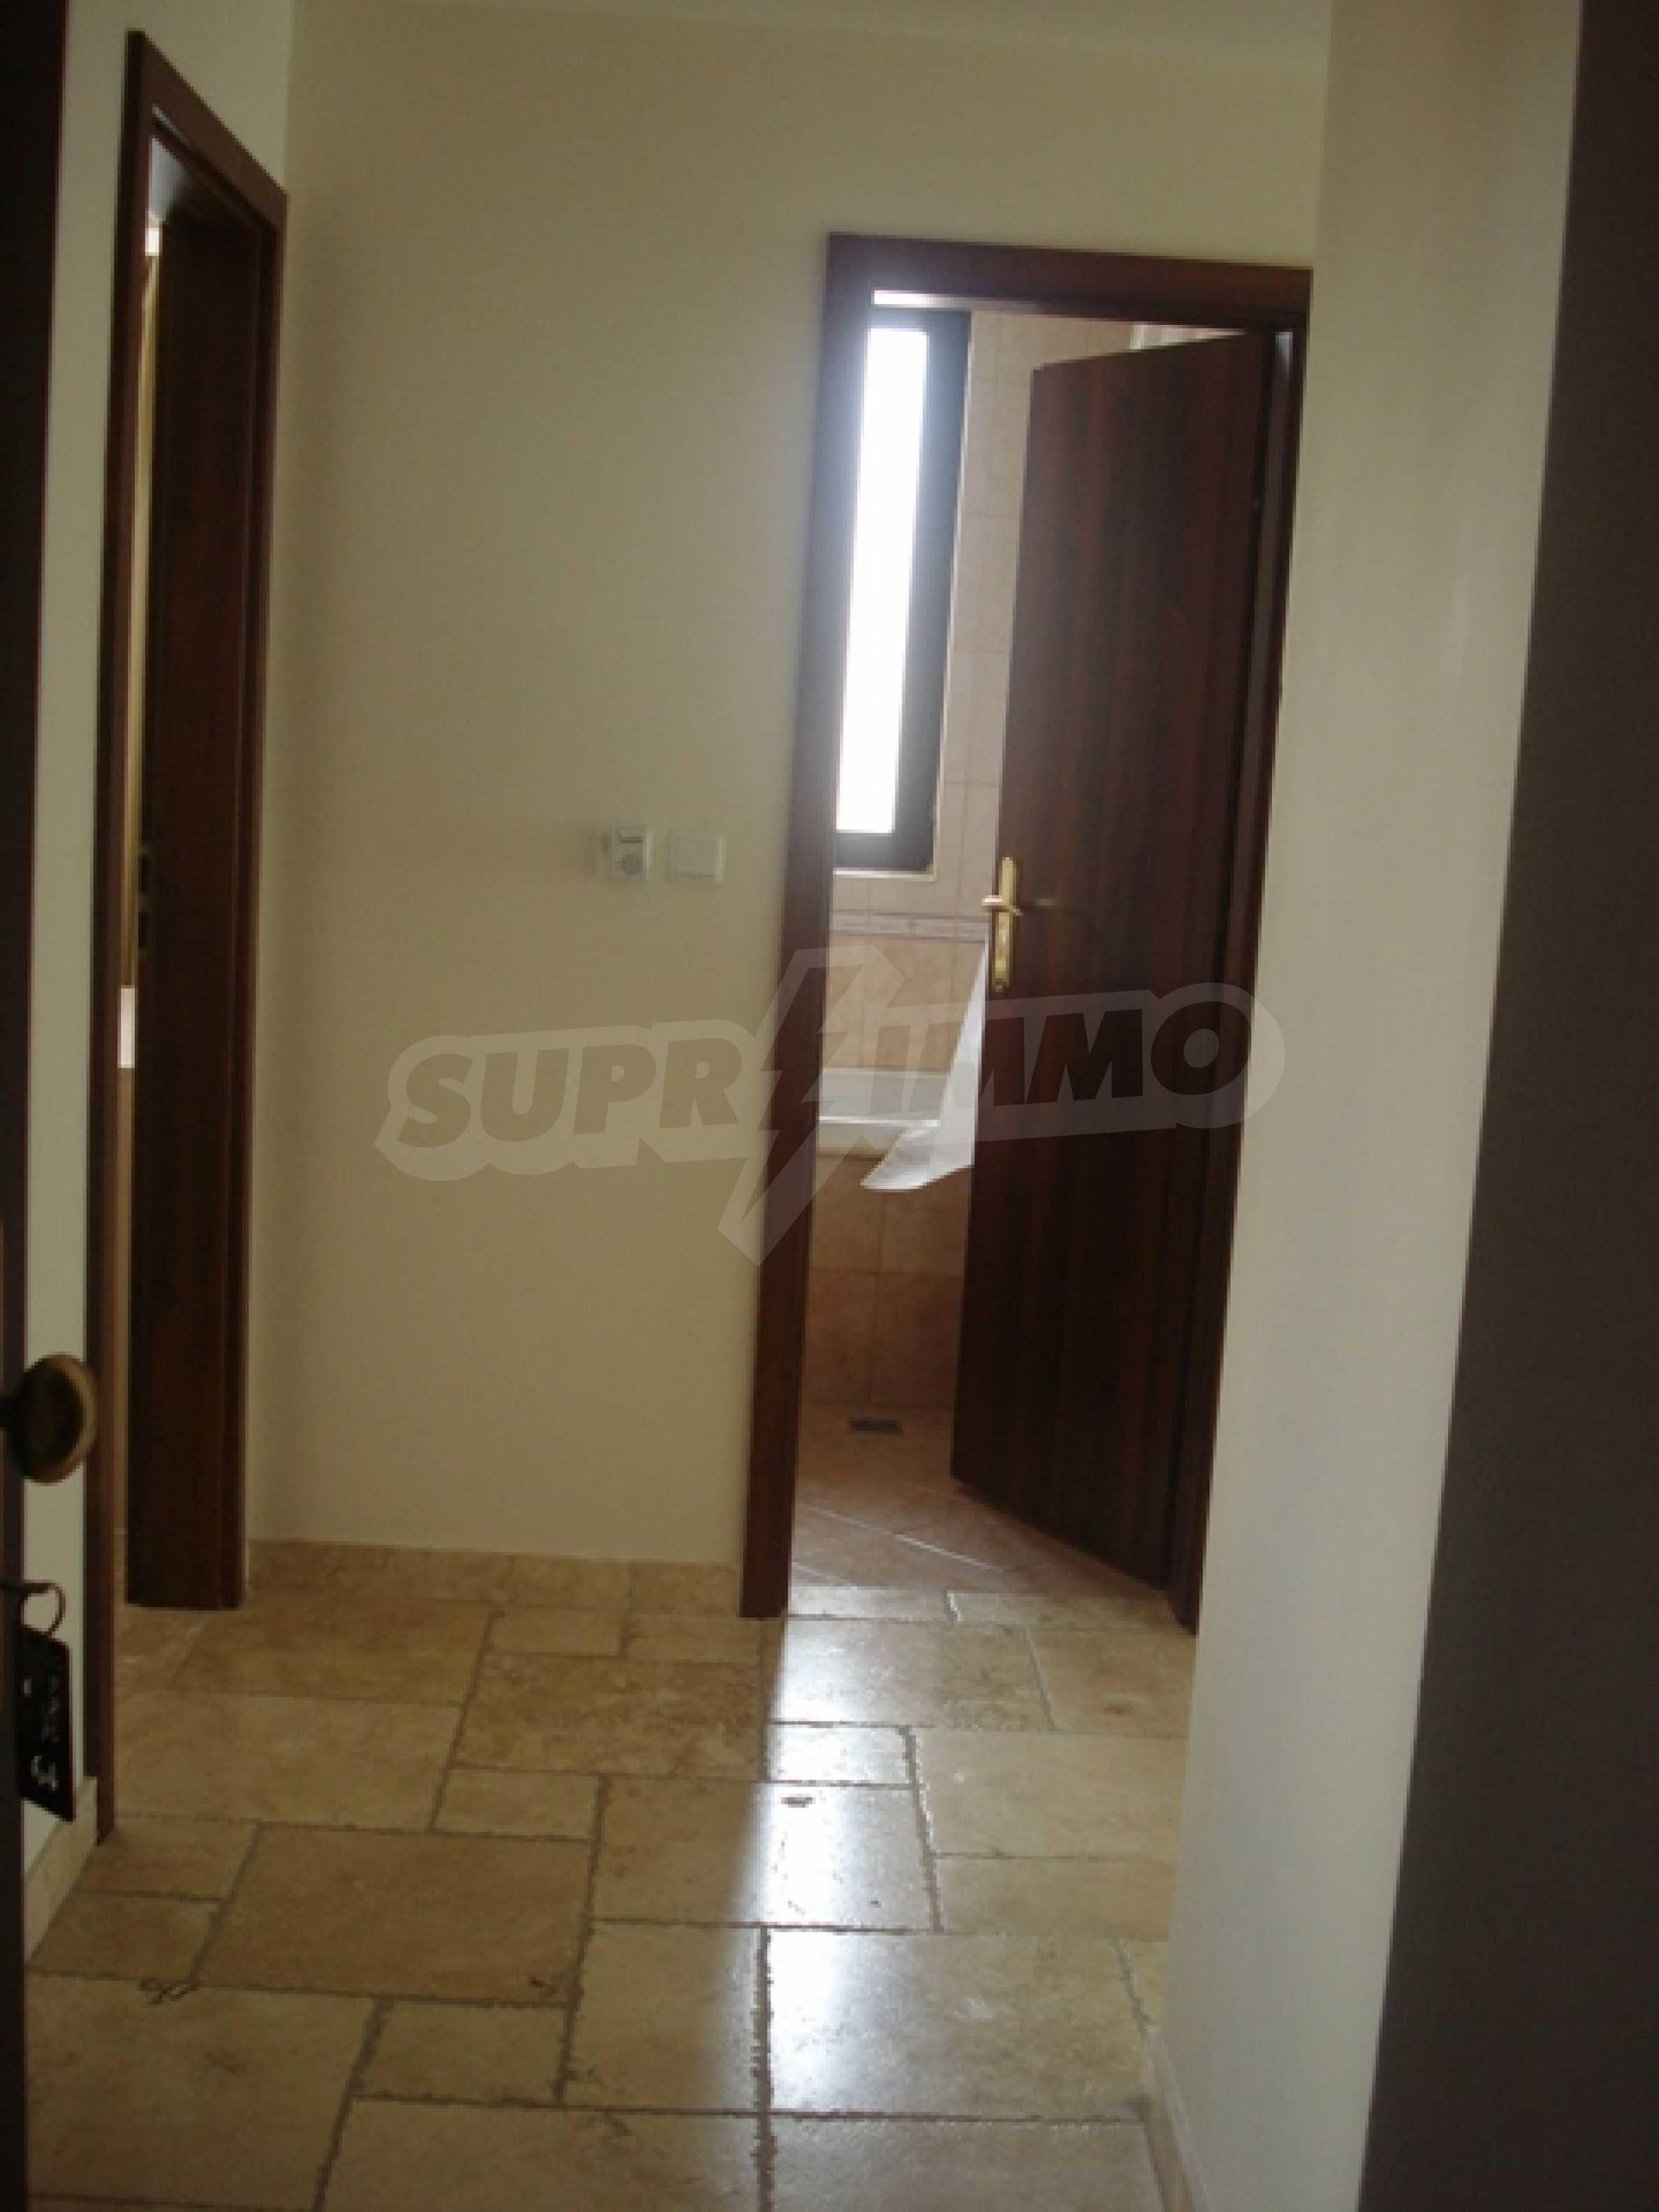 Апартамент в центре комплекса «Калиакрия Голф Резорт», в 55 км от Варны 13